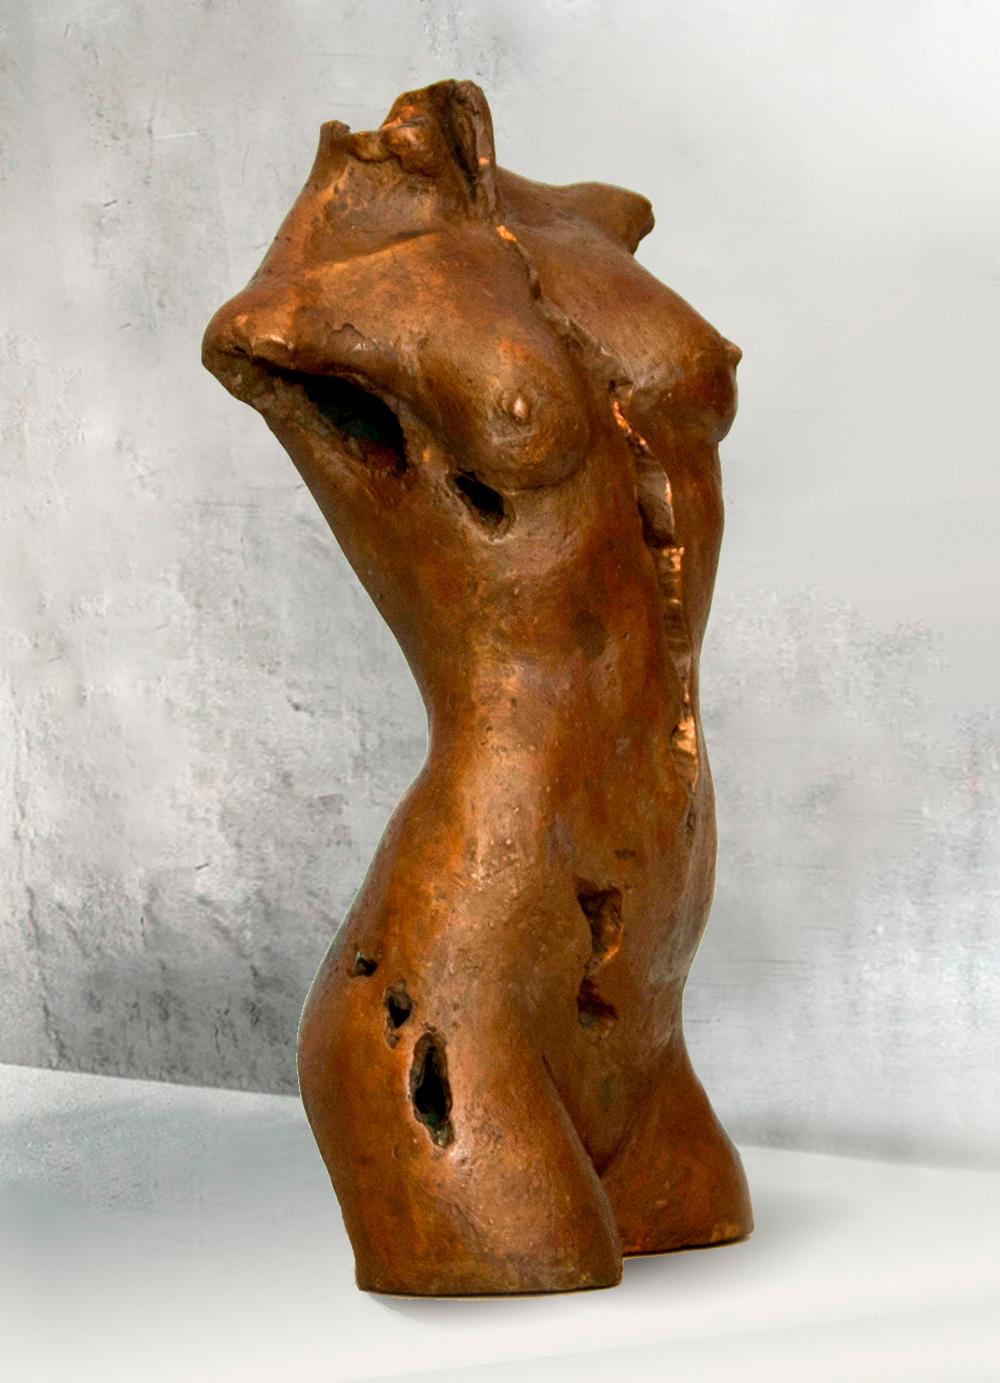 Escultura-Torso-Femenino-Bronce-B-C.Danone-RD.Escultor